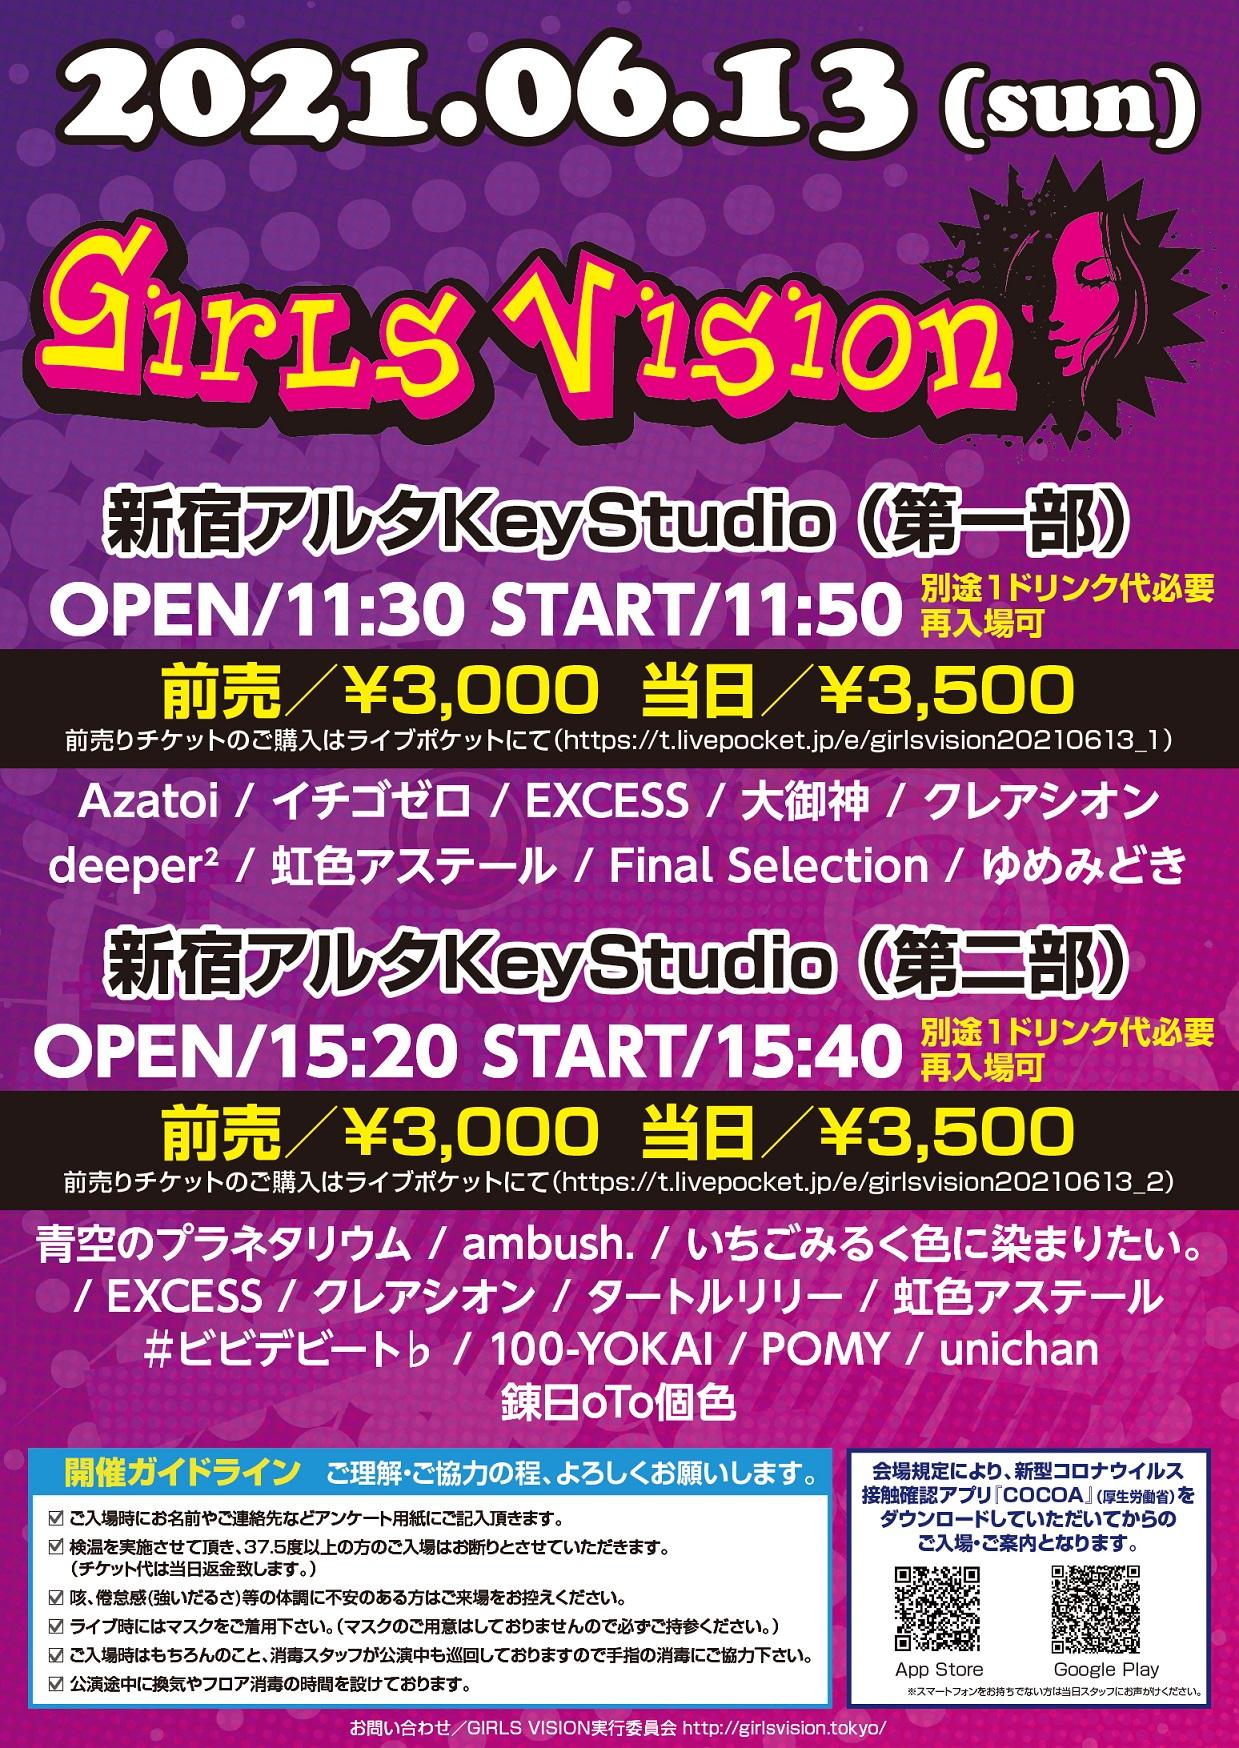 GirlsVision 2021/6/13